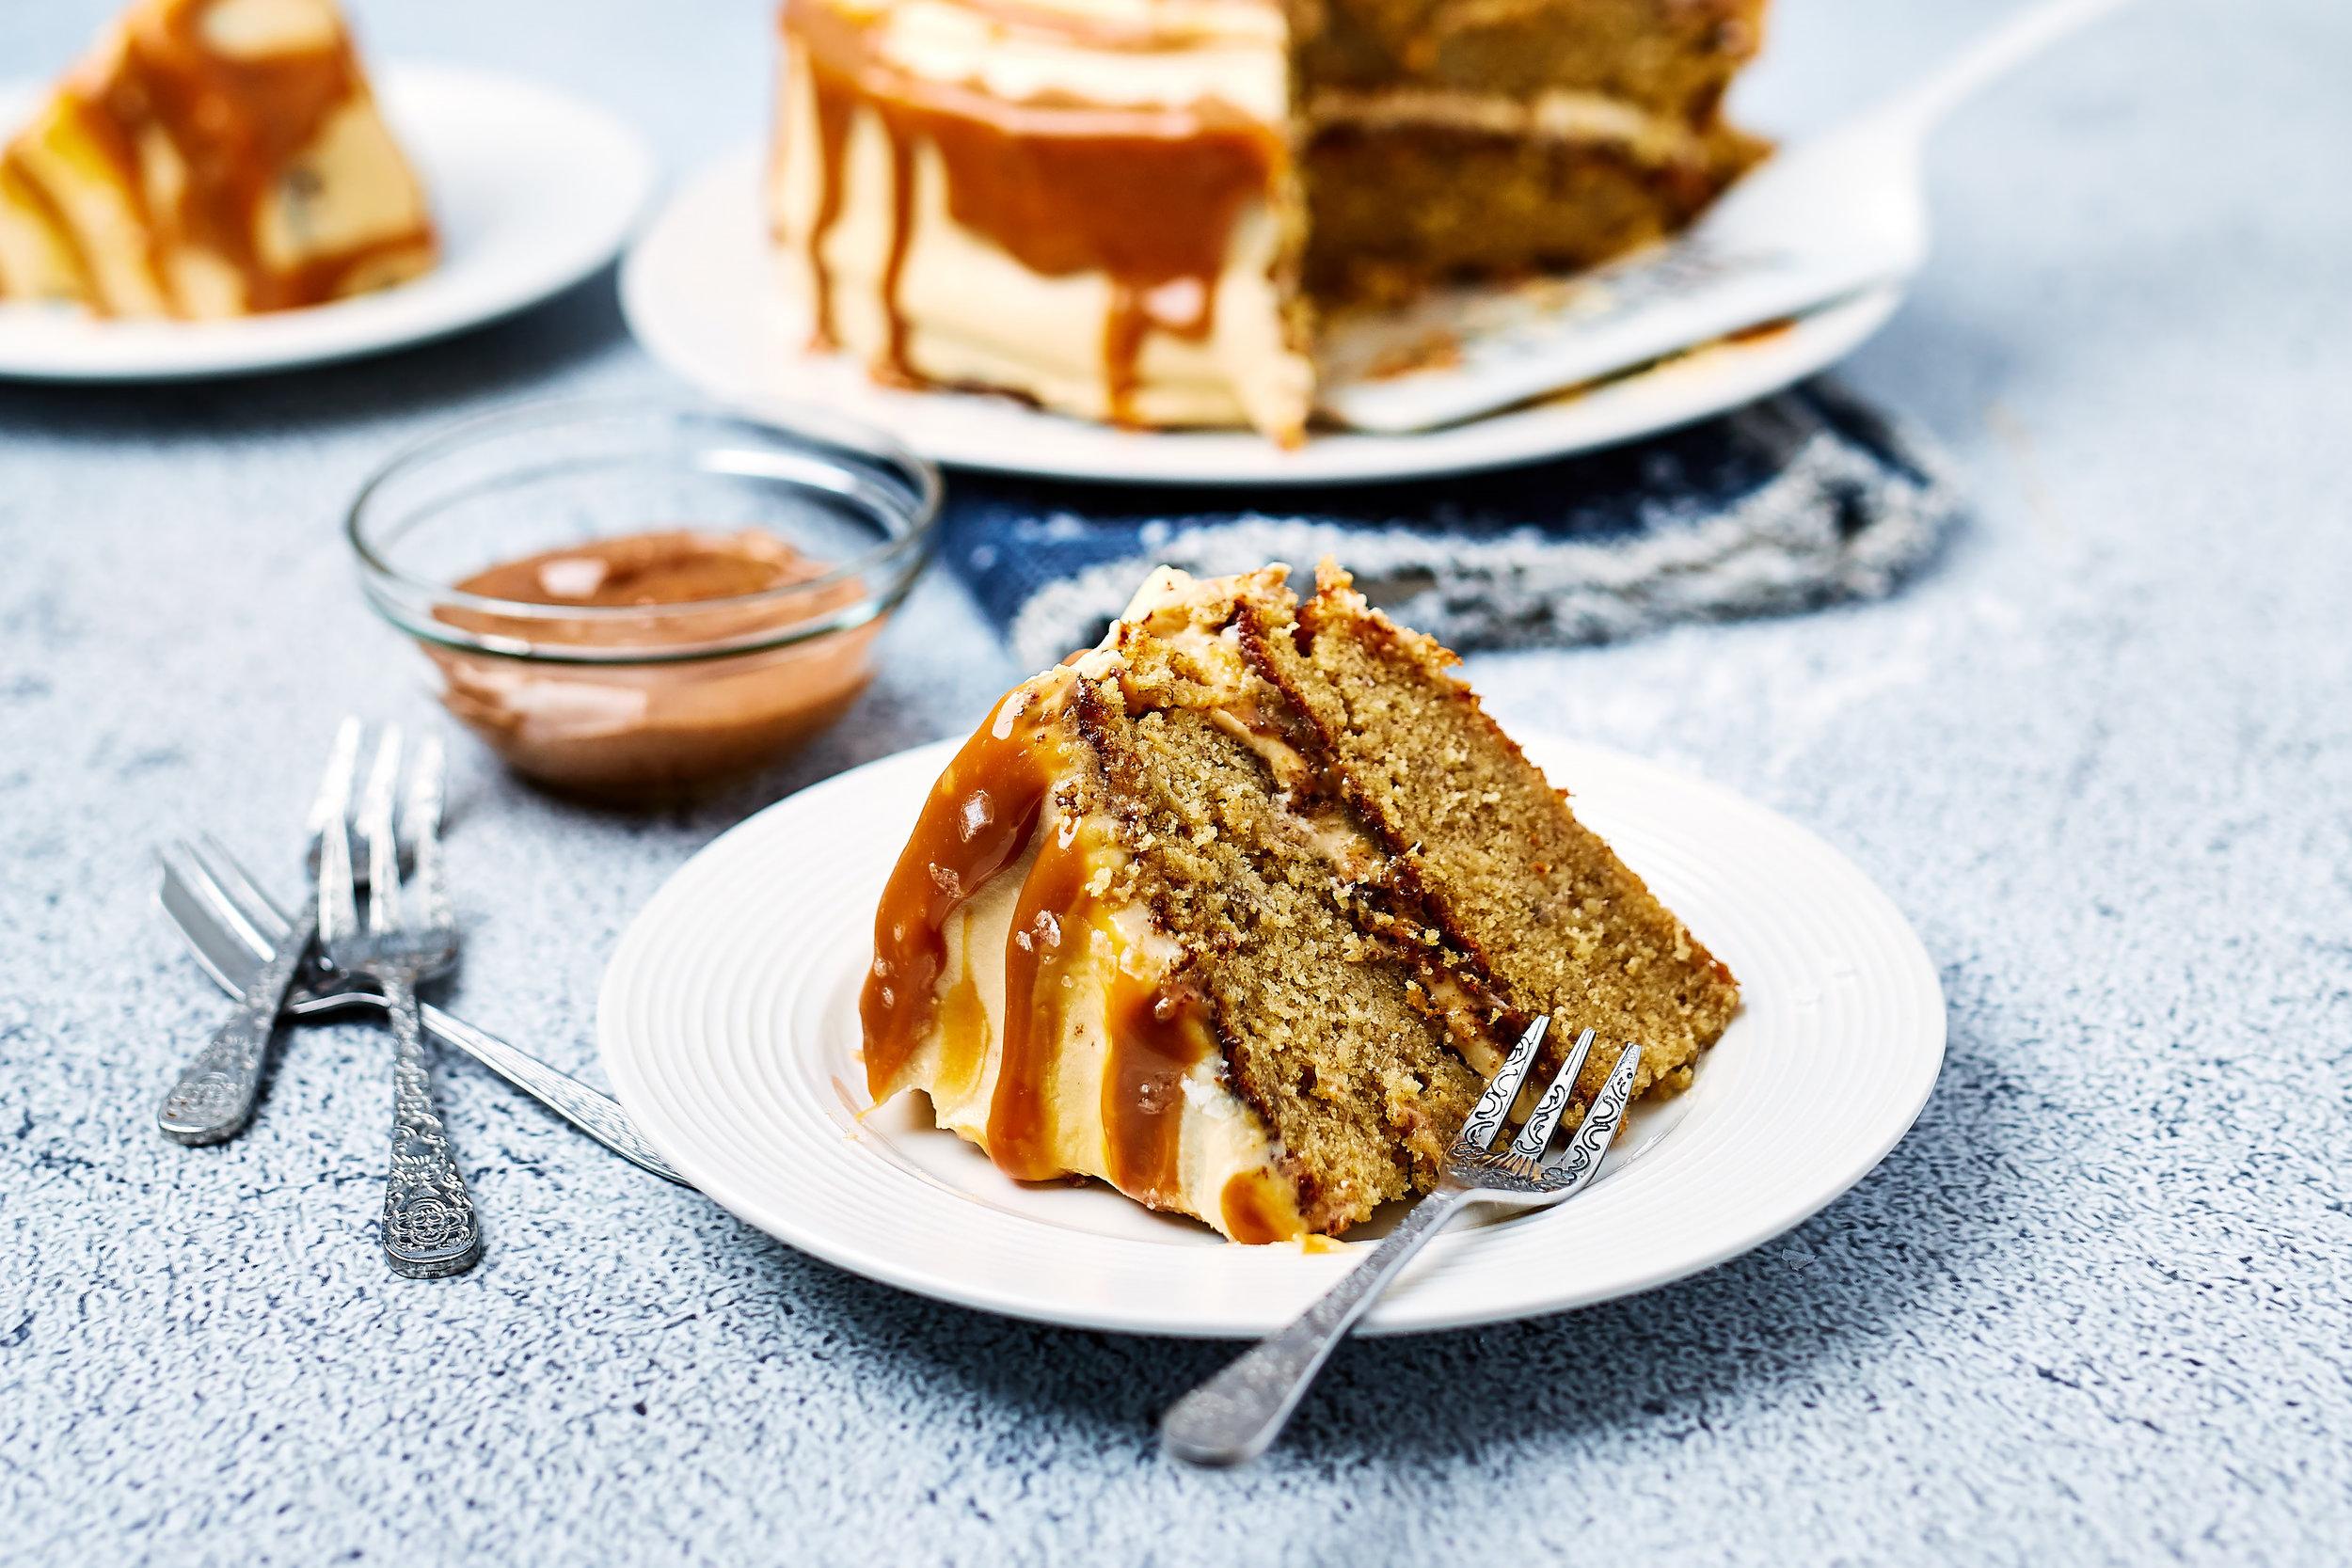 Salted caramel banana cake 002.jpg